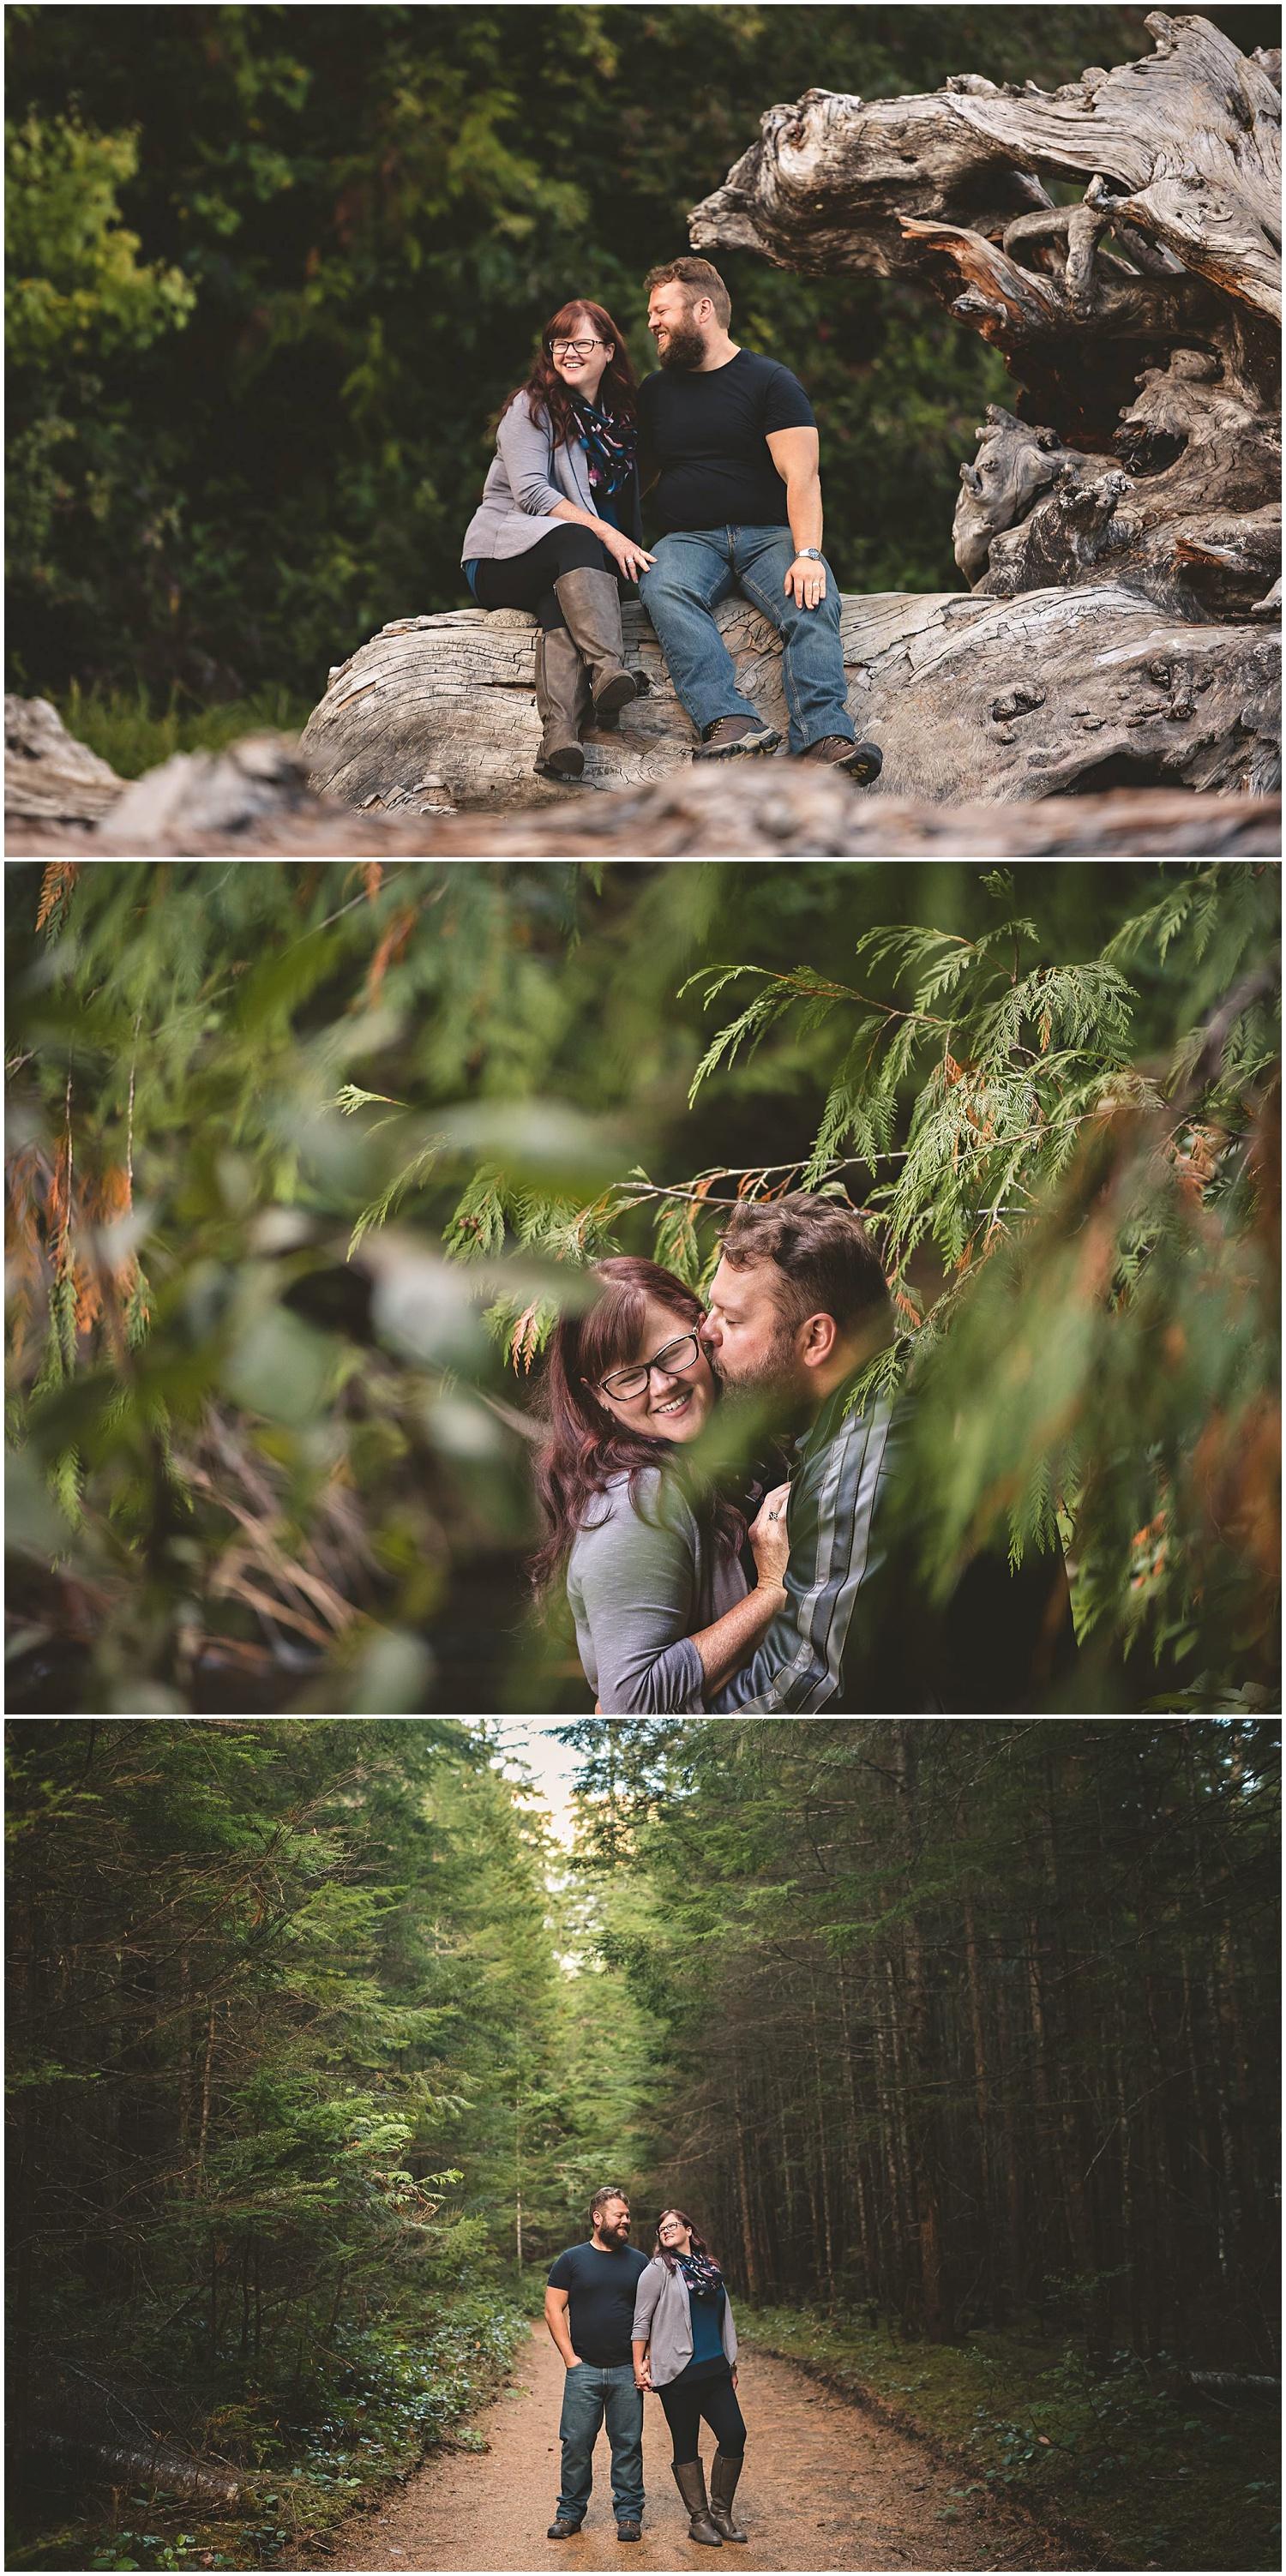 Photos by: Leanne Sim, Photographer